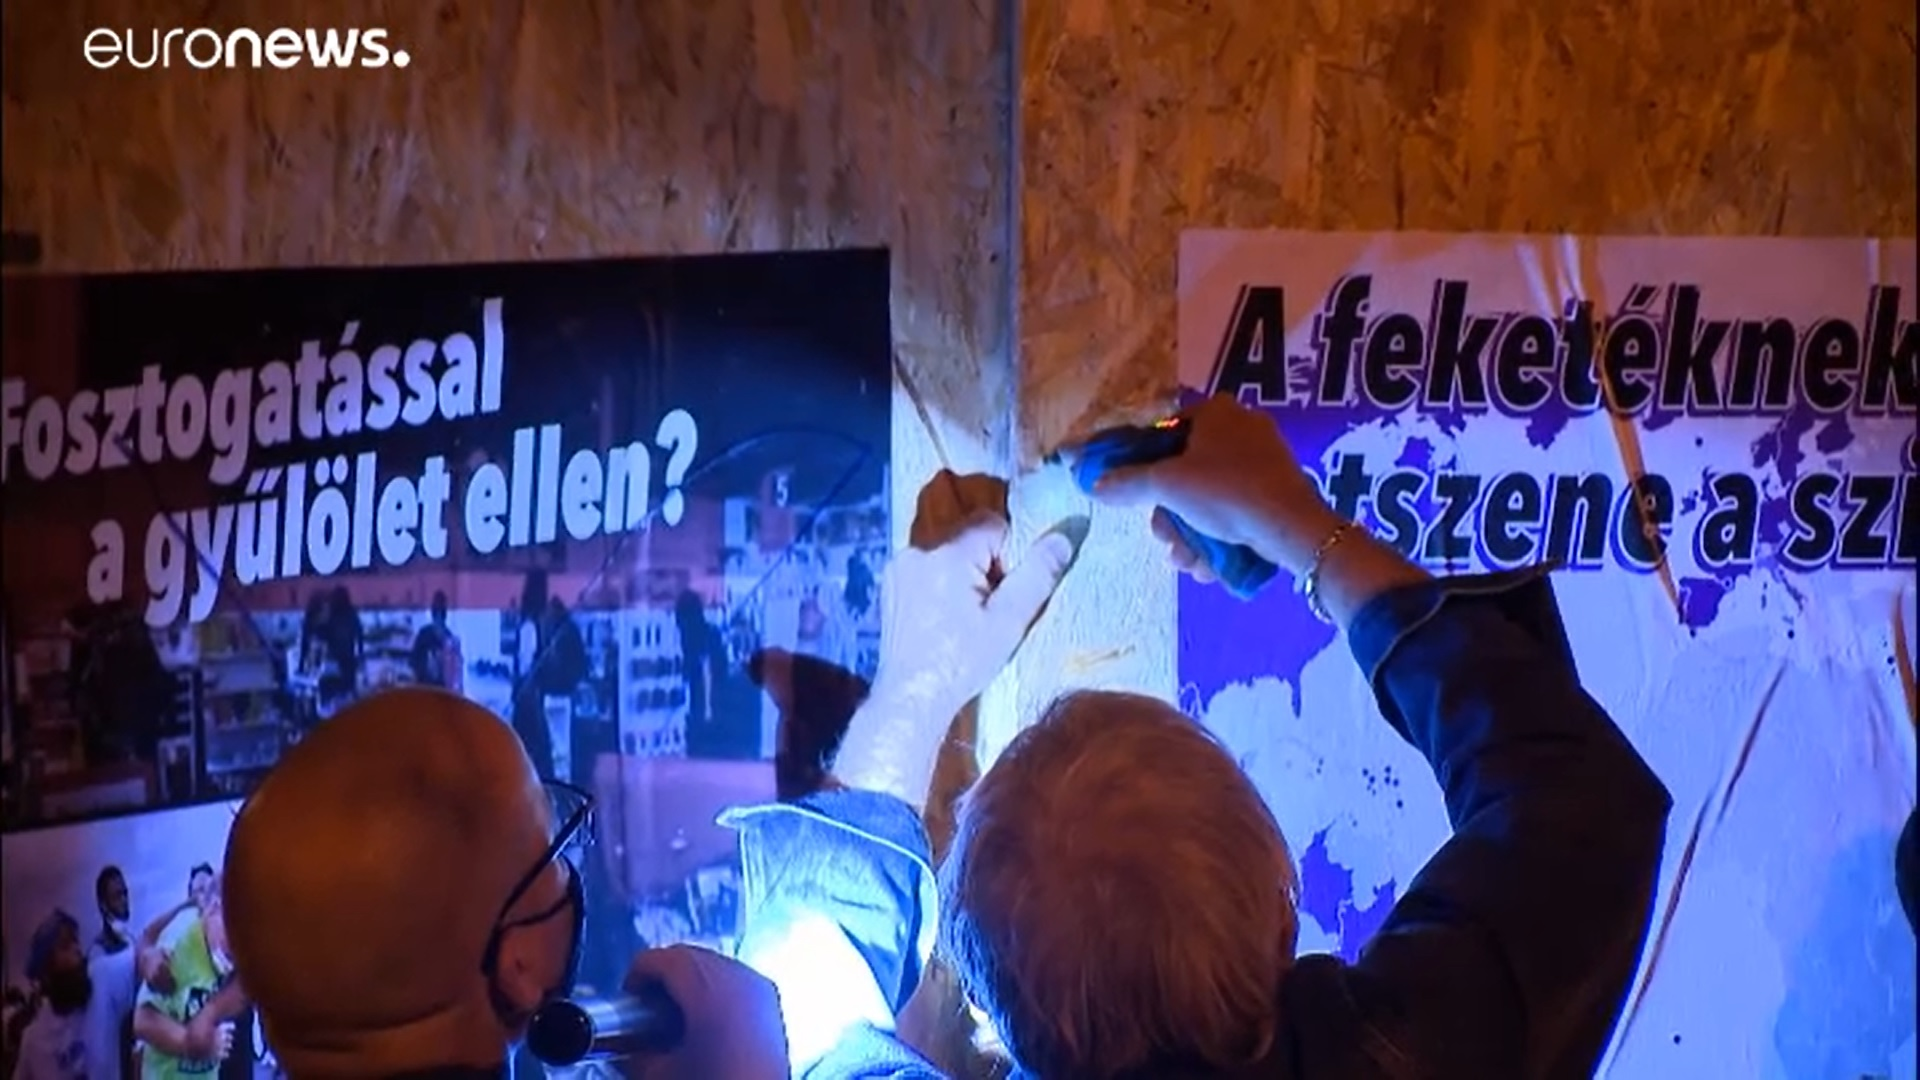 Fekete filccel ikszet rajzolt a ferencvárosi BLM-szobrot eltakaró szélsőségesek plakátjára, 40 ezer forintot kell fizetnie